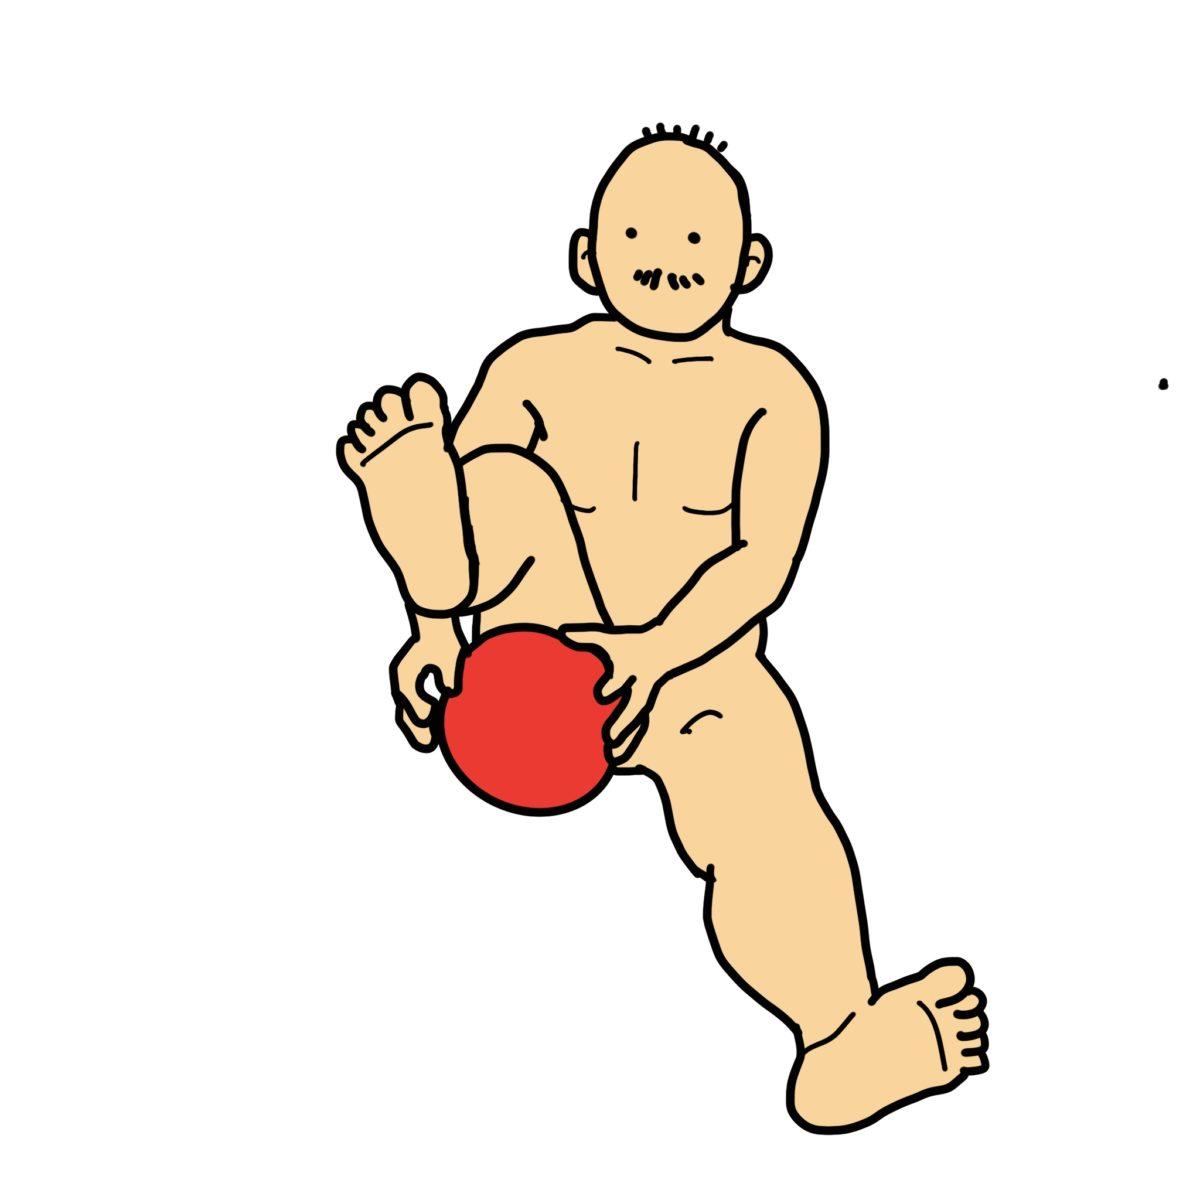 長座位バランス練習 その2 (脚の周囲をボールで8の字)